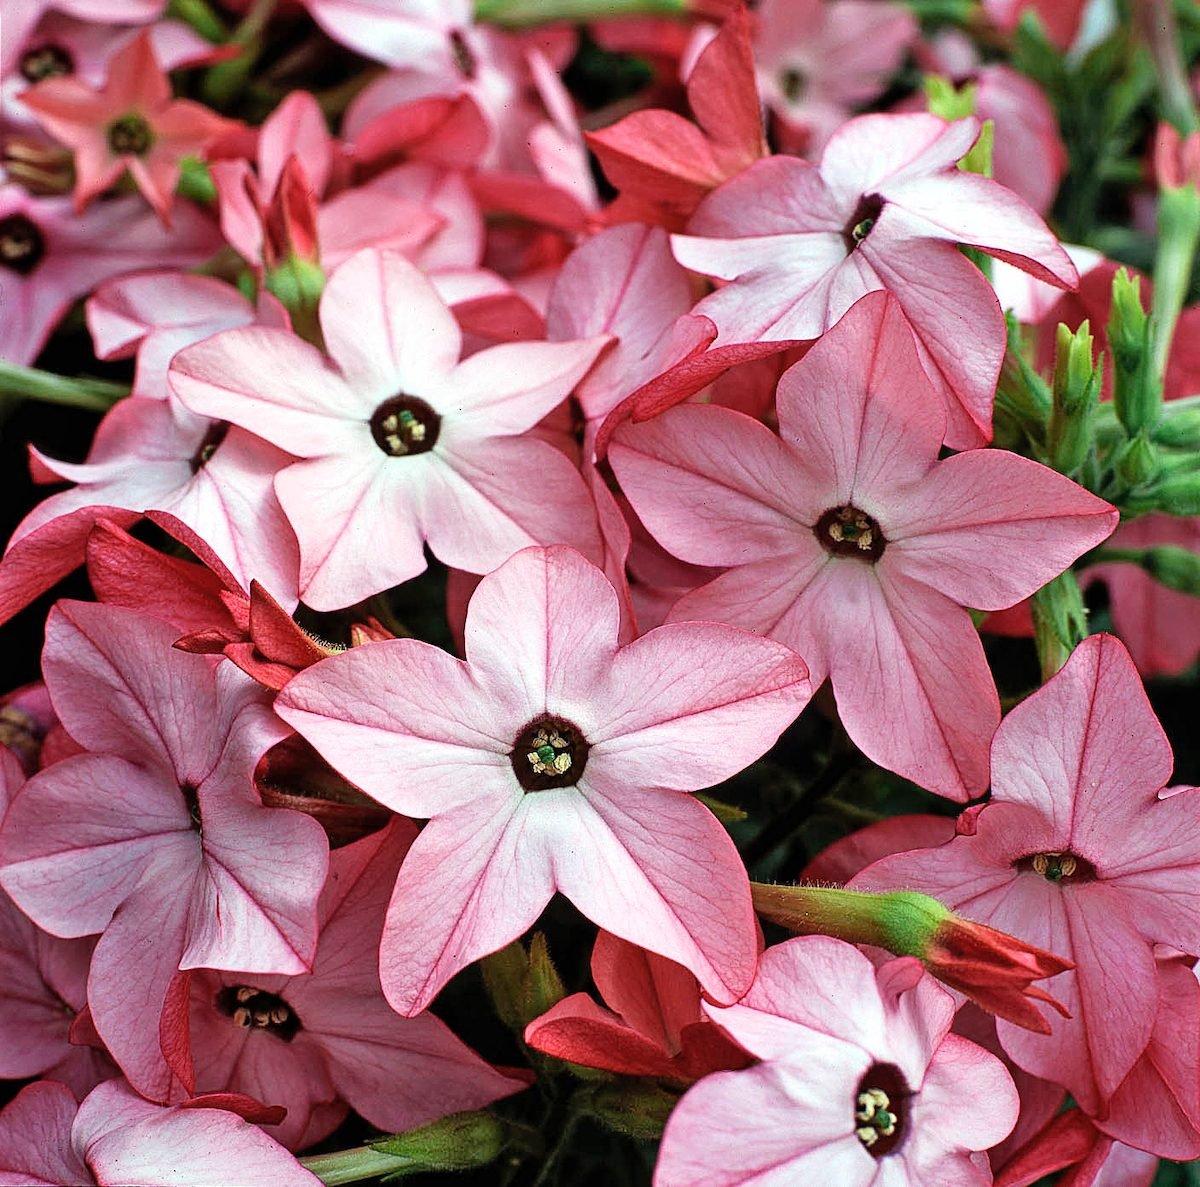 Flowering tobacco